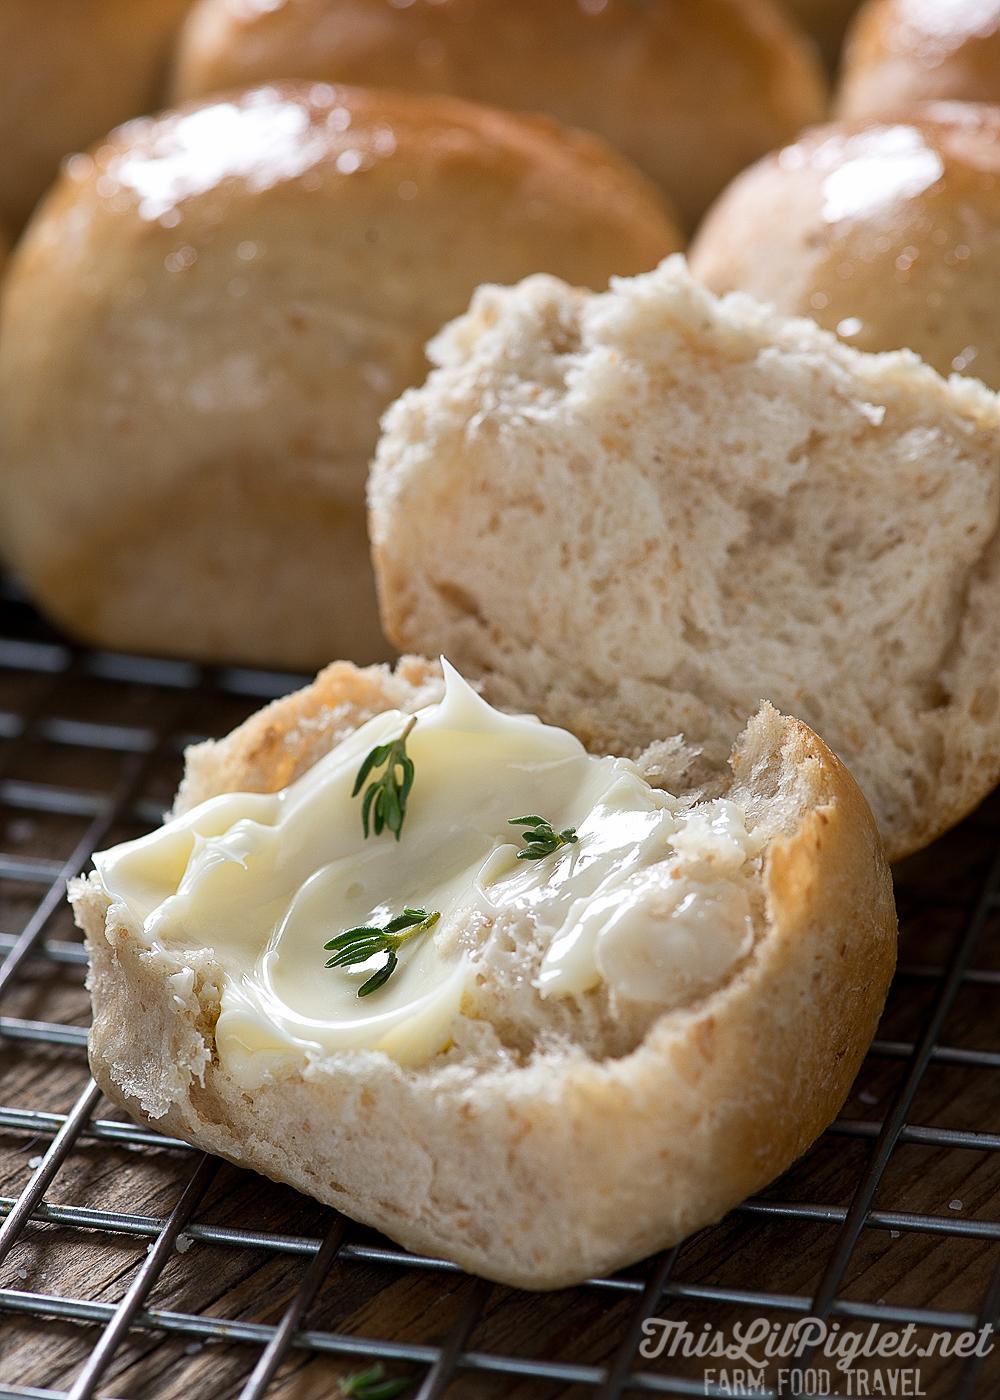 Homemade Dinner Rolls with Butter // thislilpiglet.net